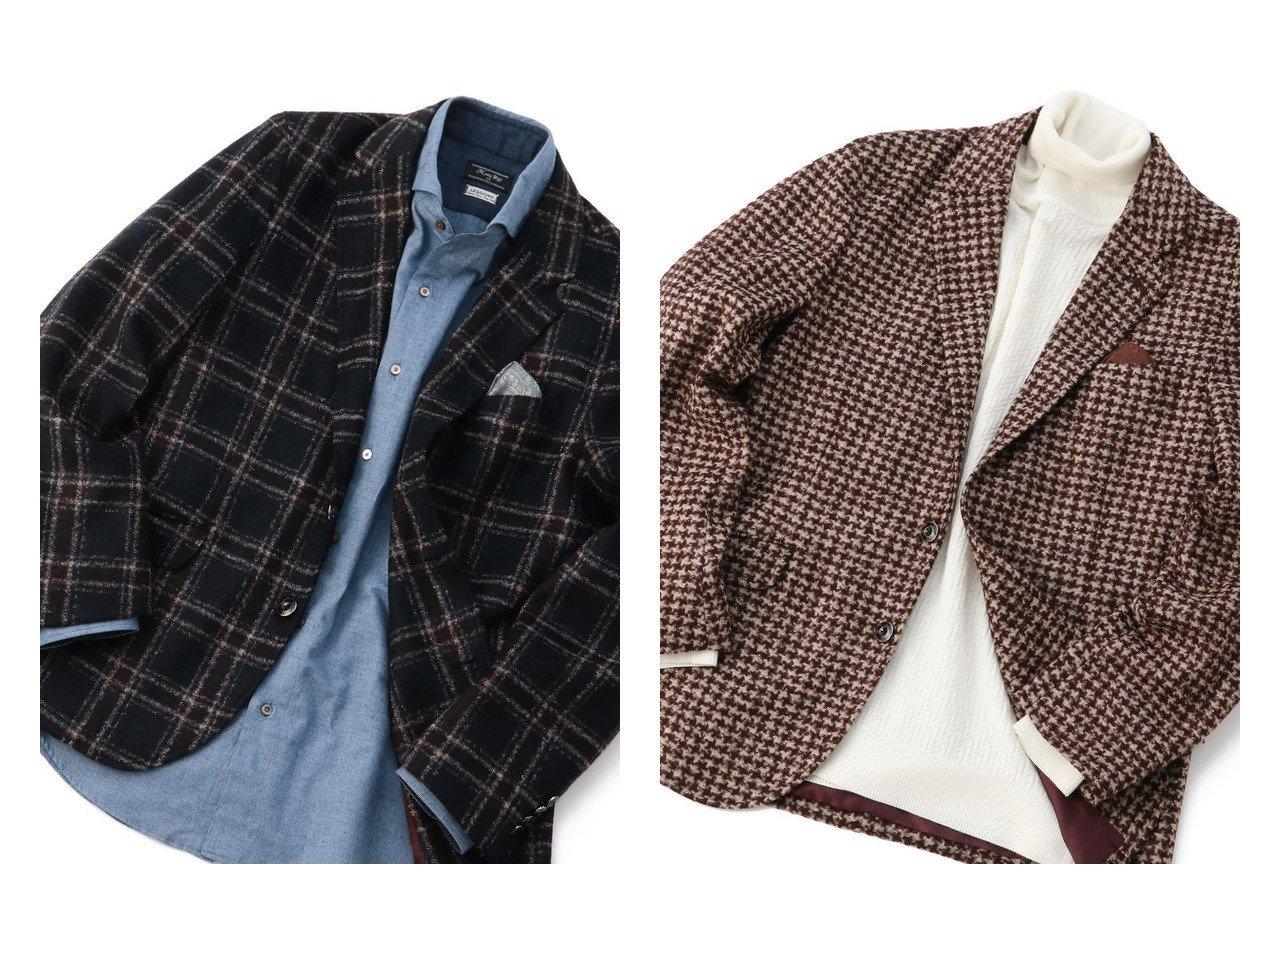 【Men's Bigi / MEN/メンズビギトーキョー】の【LANIFICIO ROMA(ラニフィーチョローマ)】ジャージジャケット 【MEN】男性のおすすめ!人気トレンド・メンズファッションの通販 おすすめで人気のファッション通販商品 インテリア・家具・キッズファッション・メンズファッション・レディースファッション・服の通販 founy(ファニー) https://founy.com/ ファッション Fashion メンズ MEN アクリル イタリア インナー カーディガン コーデュロイ ジャケット ジャージ ストライプ ストレッチ タートルネック チェック デニム フィット ポケット リラックス |ID:crp329100000006683